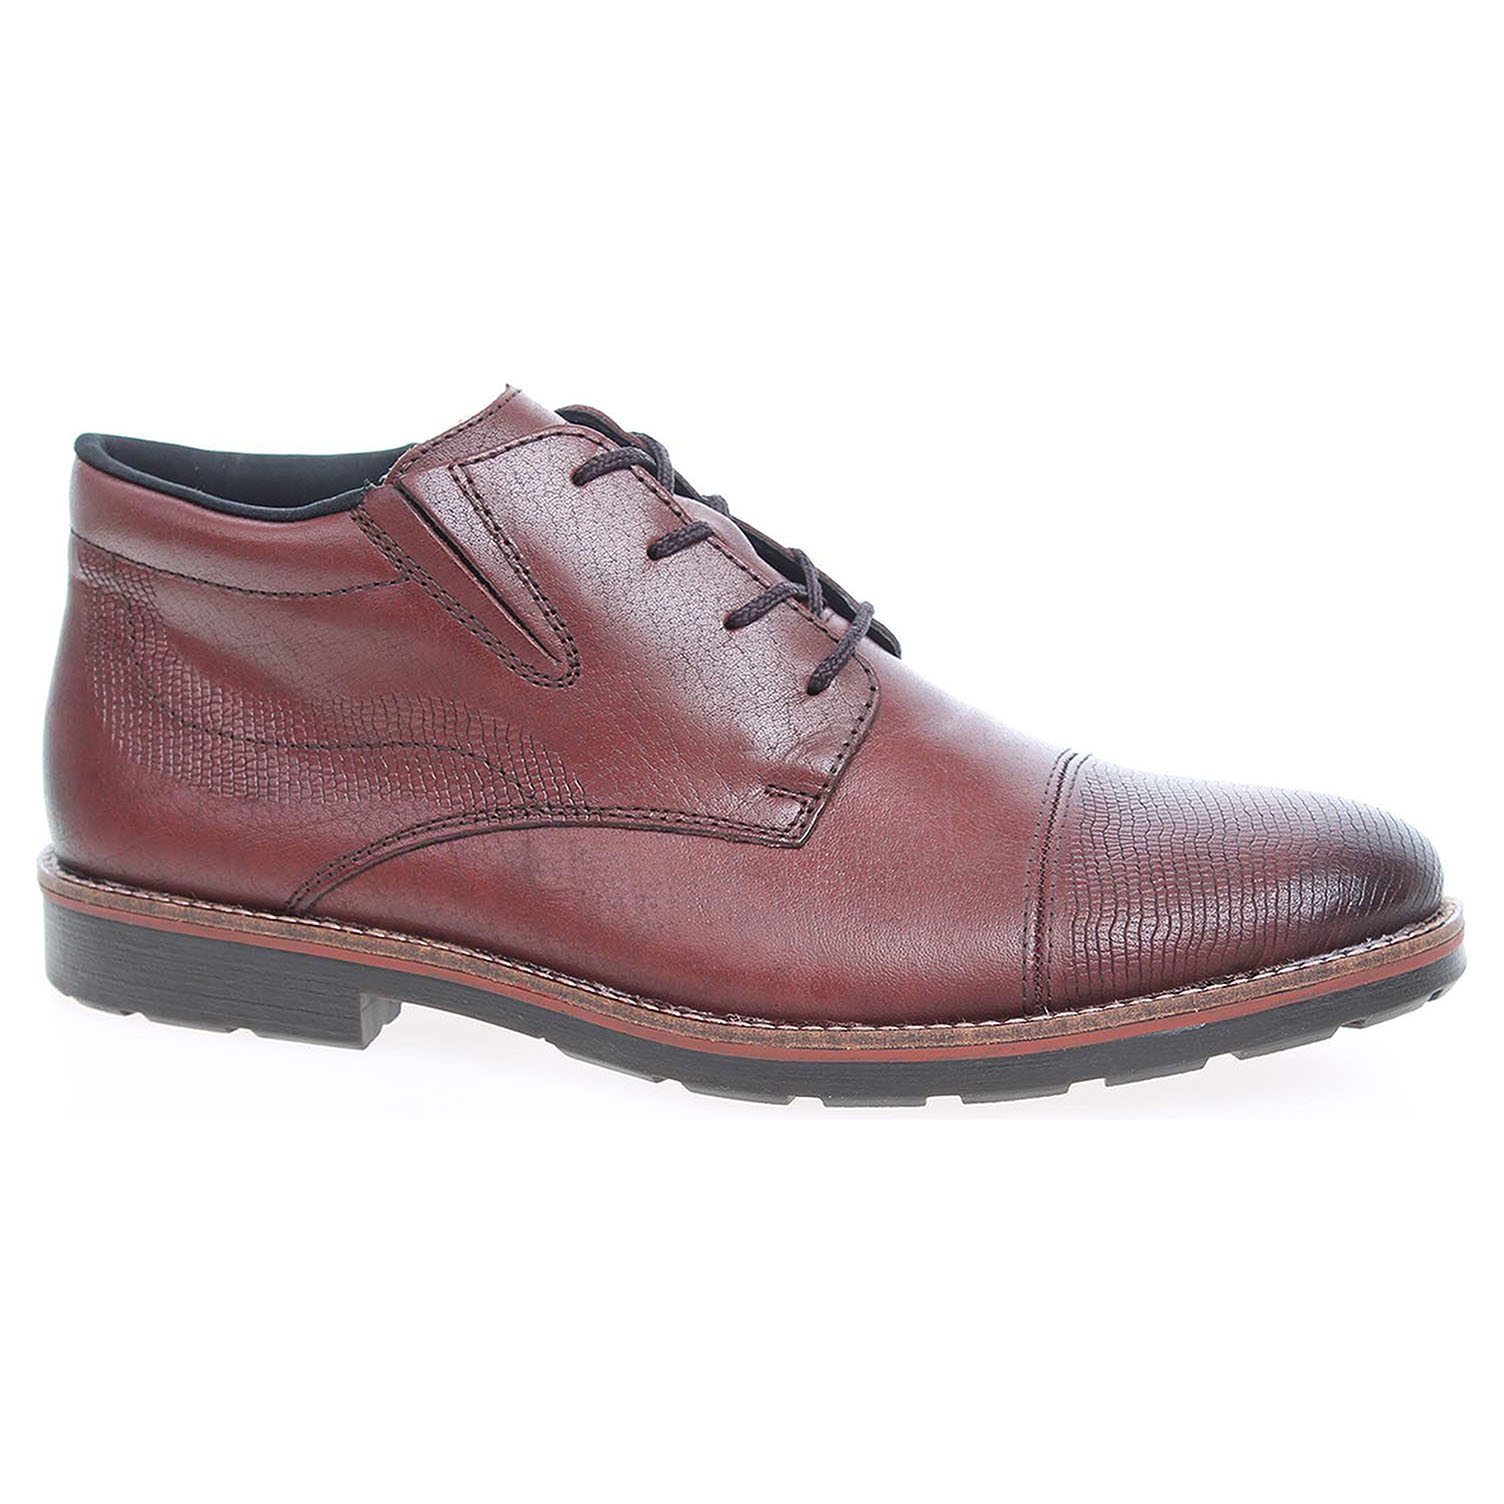 d380312fe8 detail Pánská kotníková obuv Rieker 15341-25 hnědé